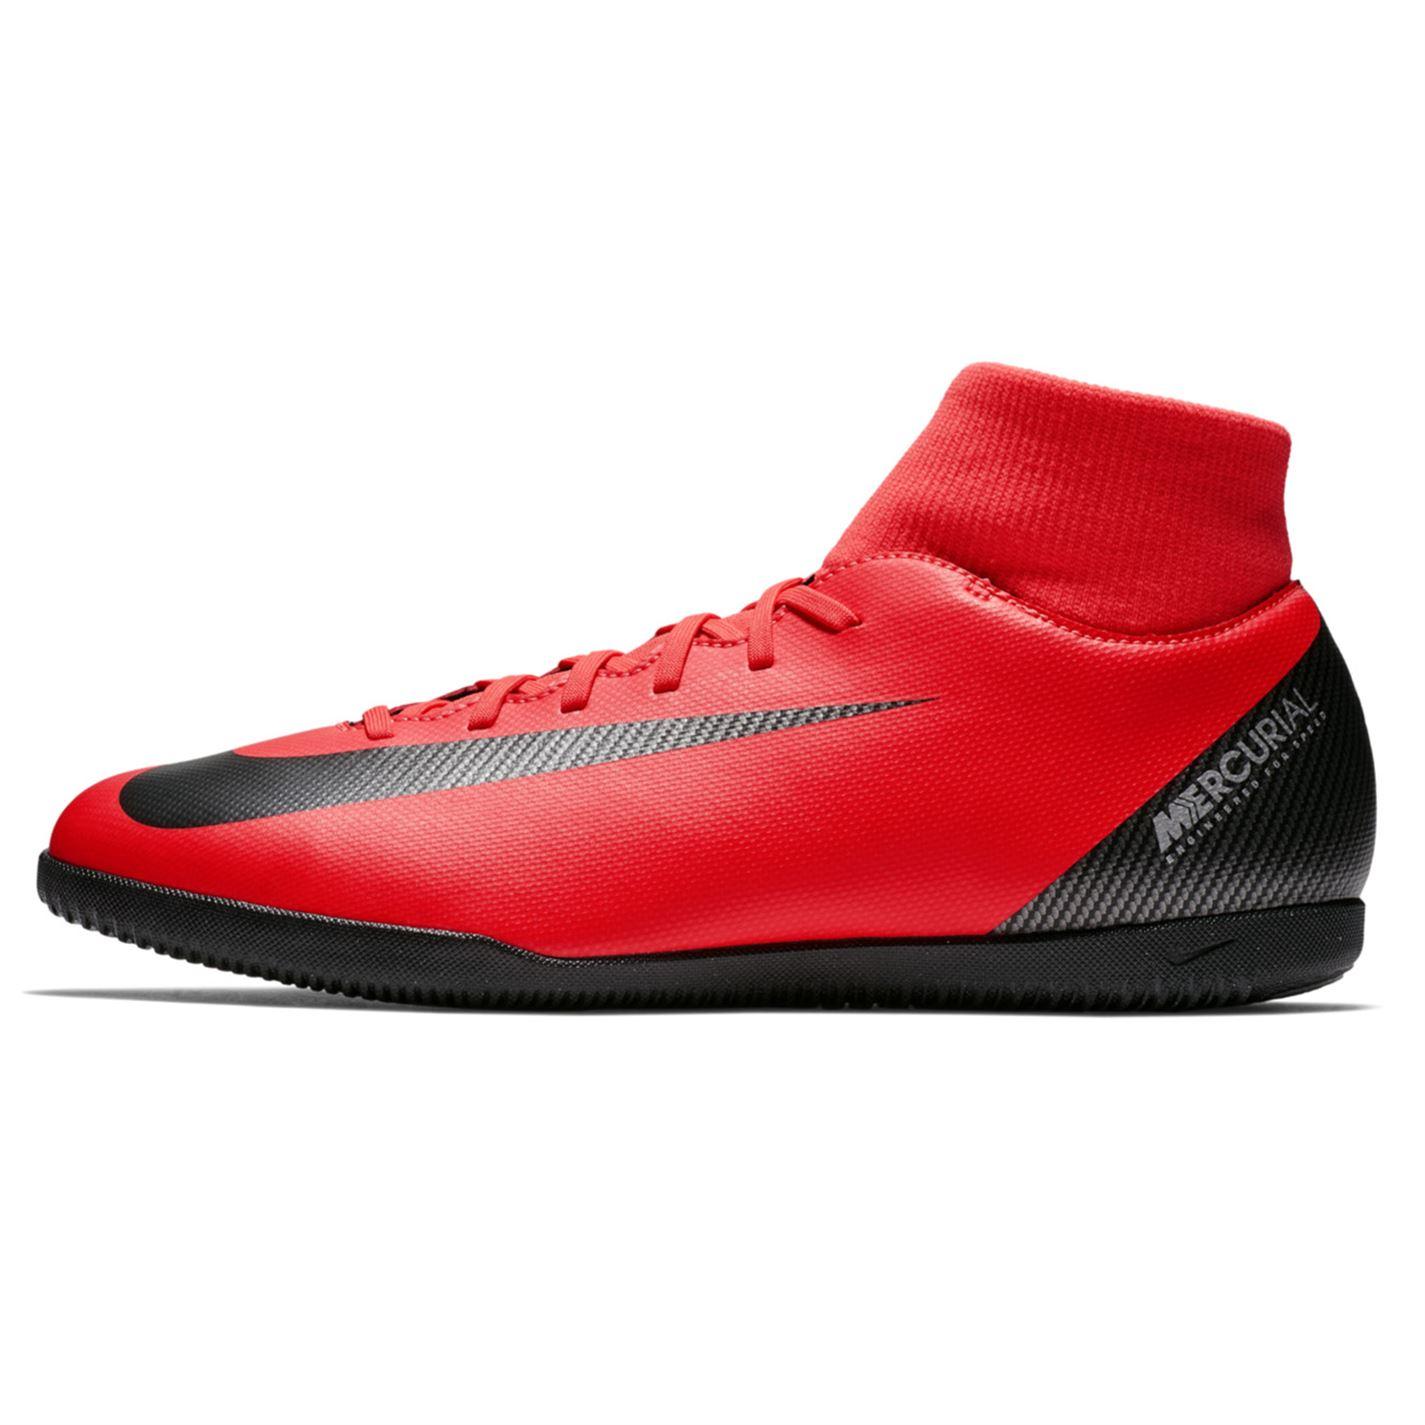 Nike Mercurial Superfly Club CR7 DF pánské Indoor